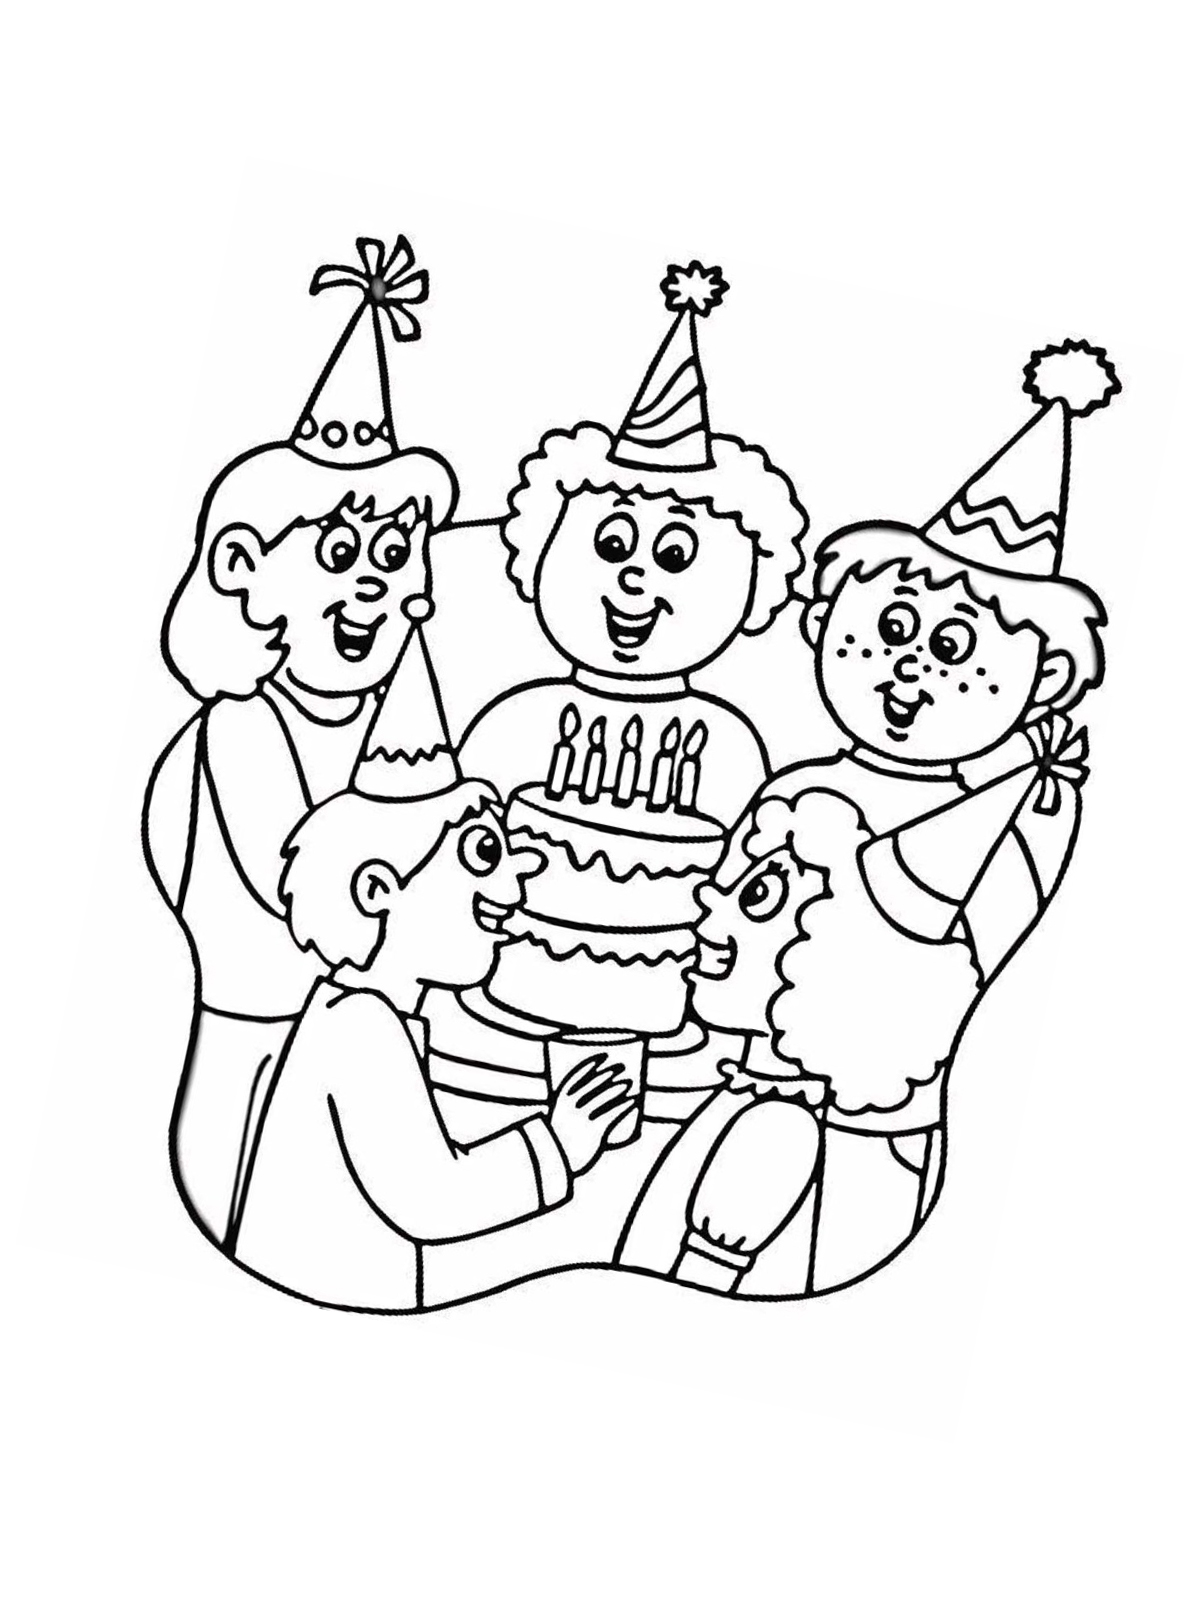 Ausmalbilder Malvorlagen Zum Geburtstag Kostenlos Zum Ausdrucken